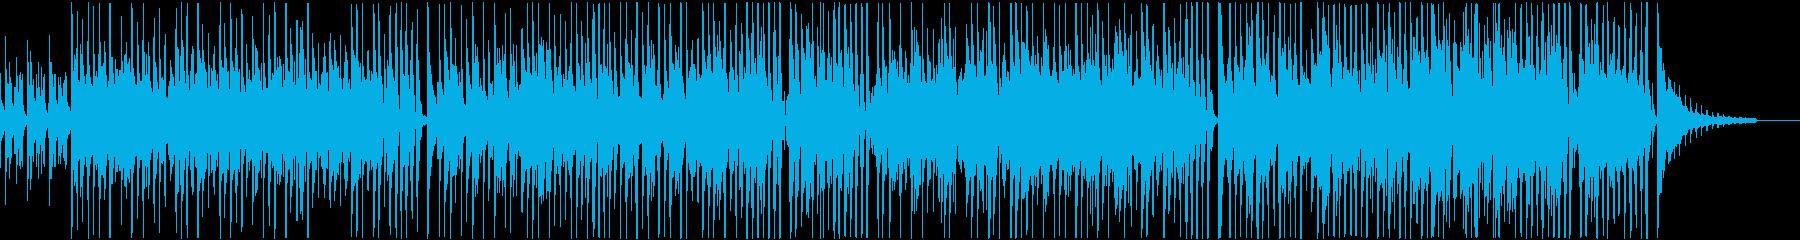 シンプルで使いやすいアレンジのジングルベの再生済みの波形